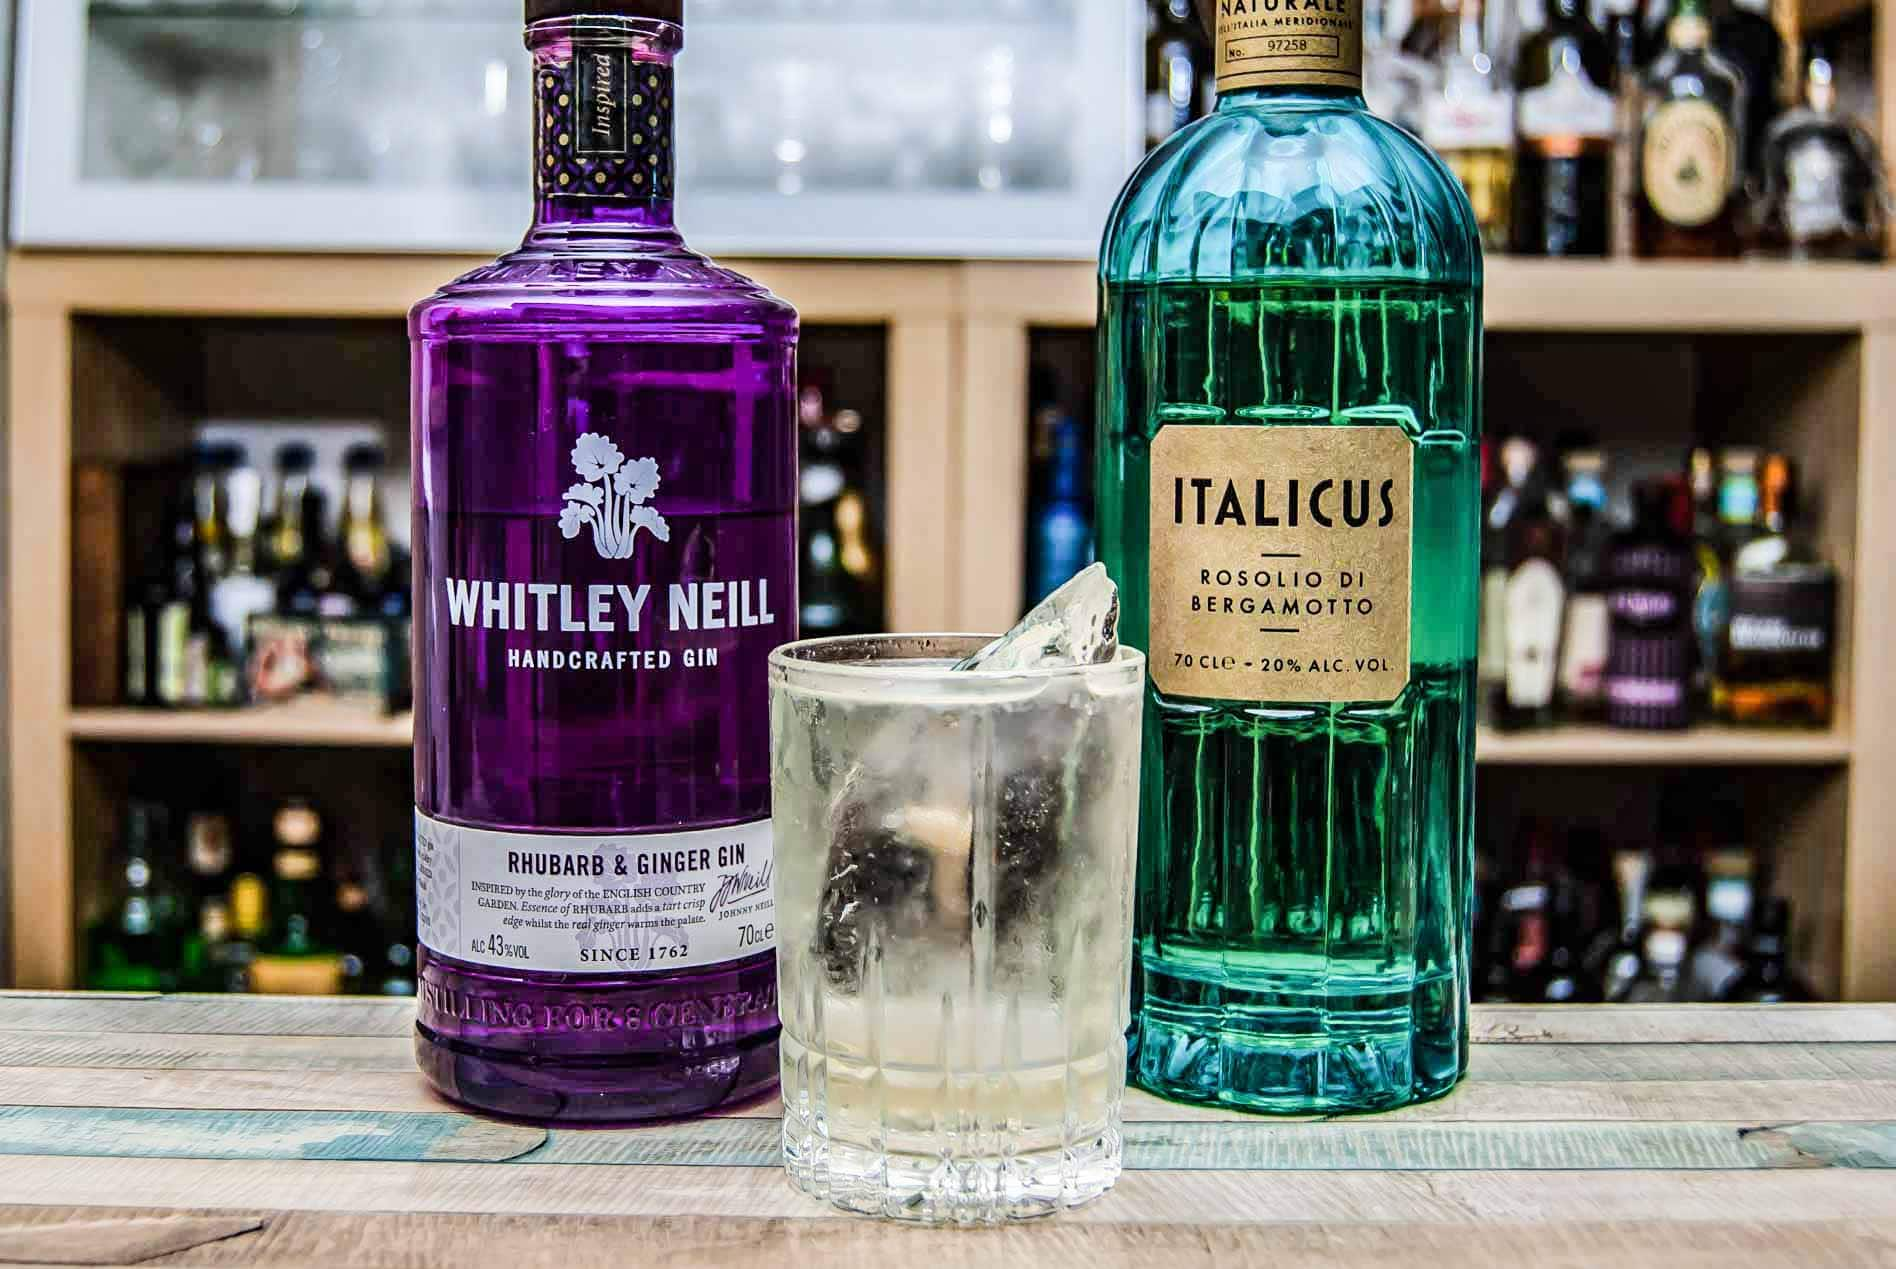 Der Dirtball mit Whitley Neill Rhubarb & Ginger Gin und Italicus, nach Art eines Dirty Martini.